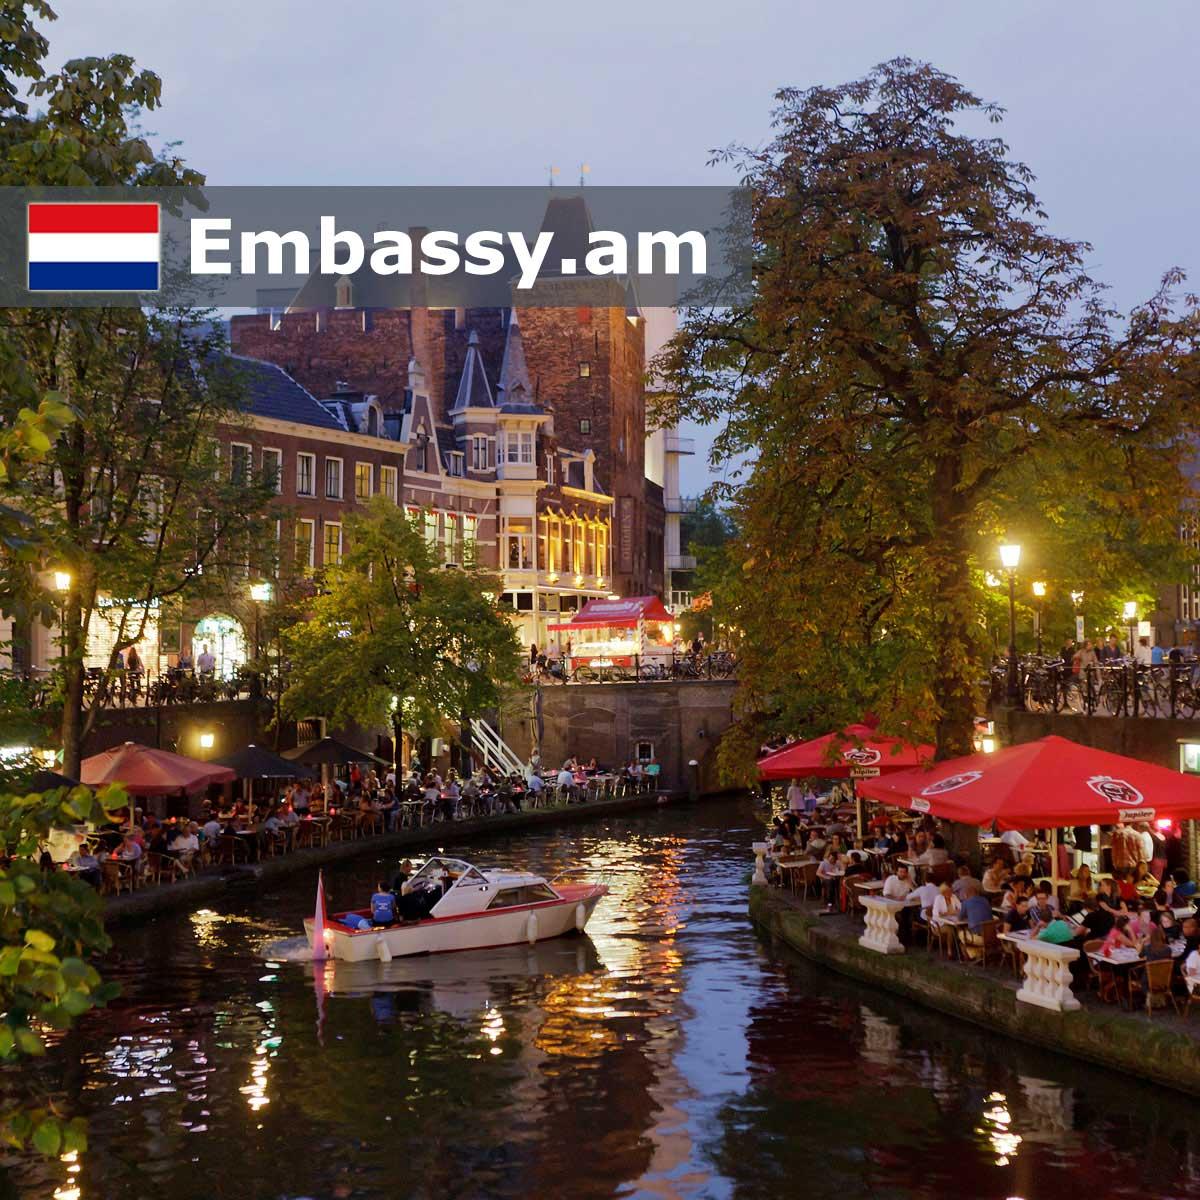 Утрехт - Отели в Нидерландах - Embassy.am